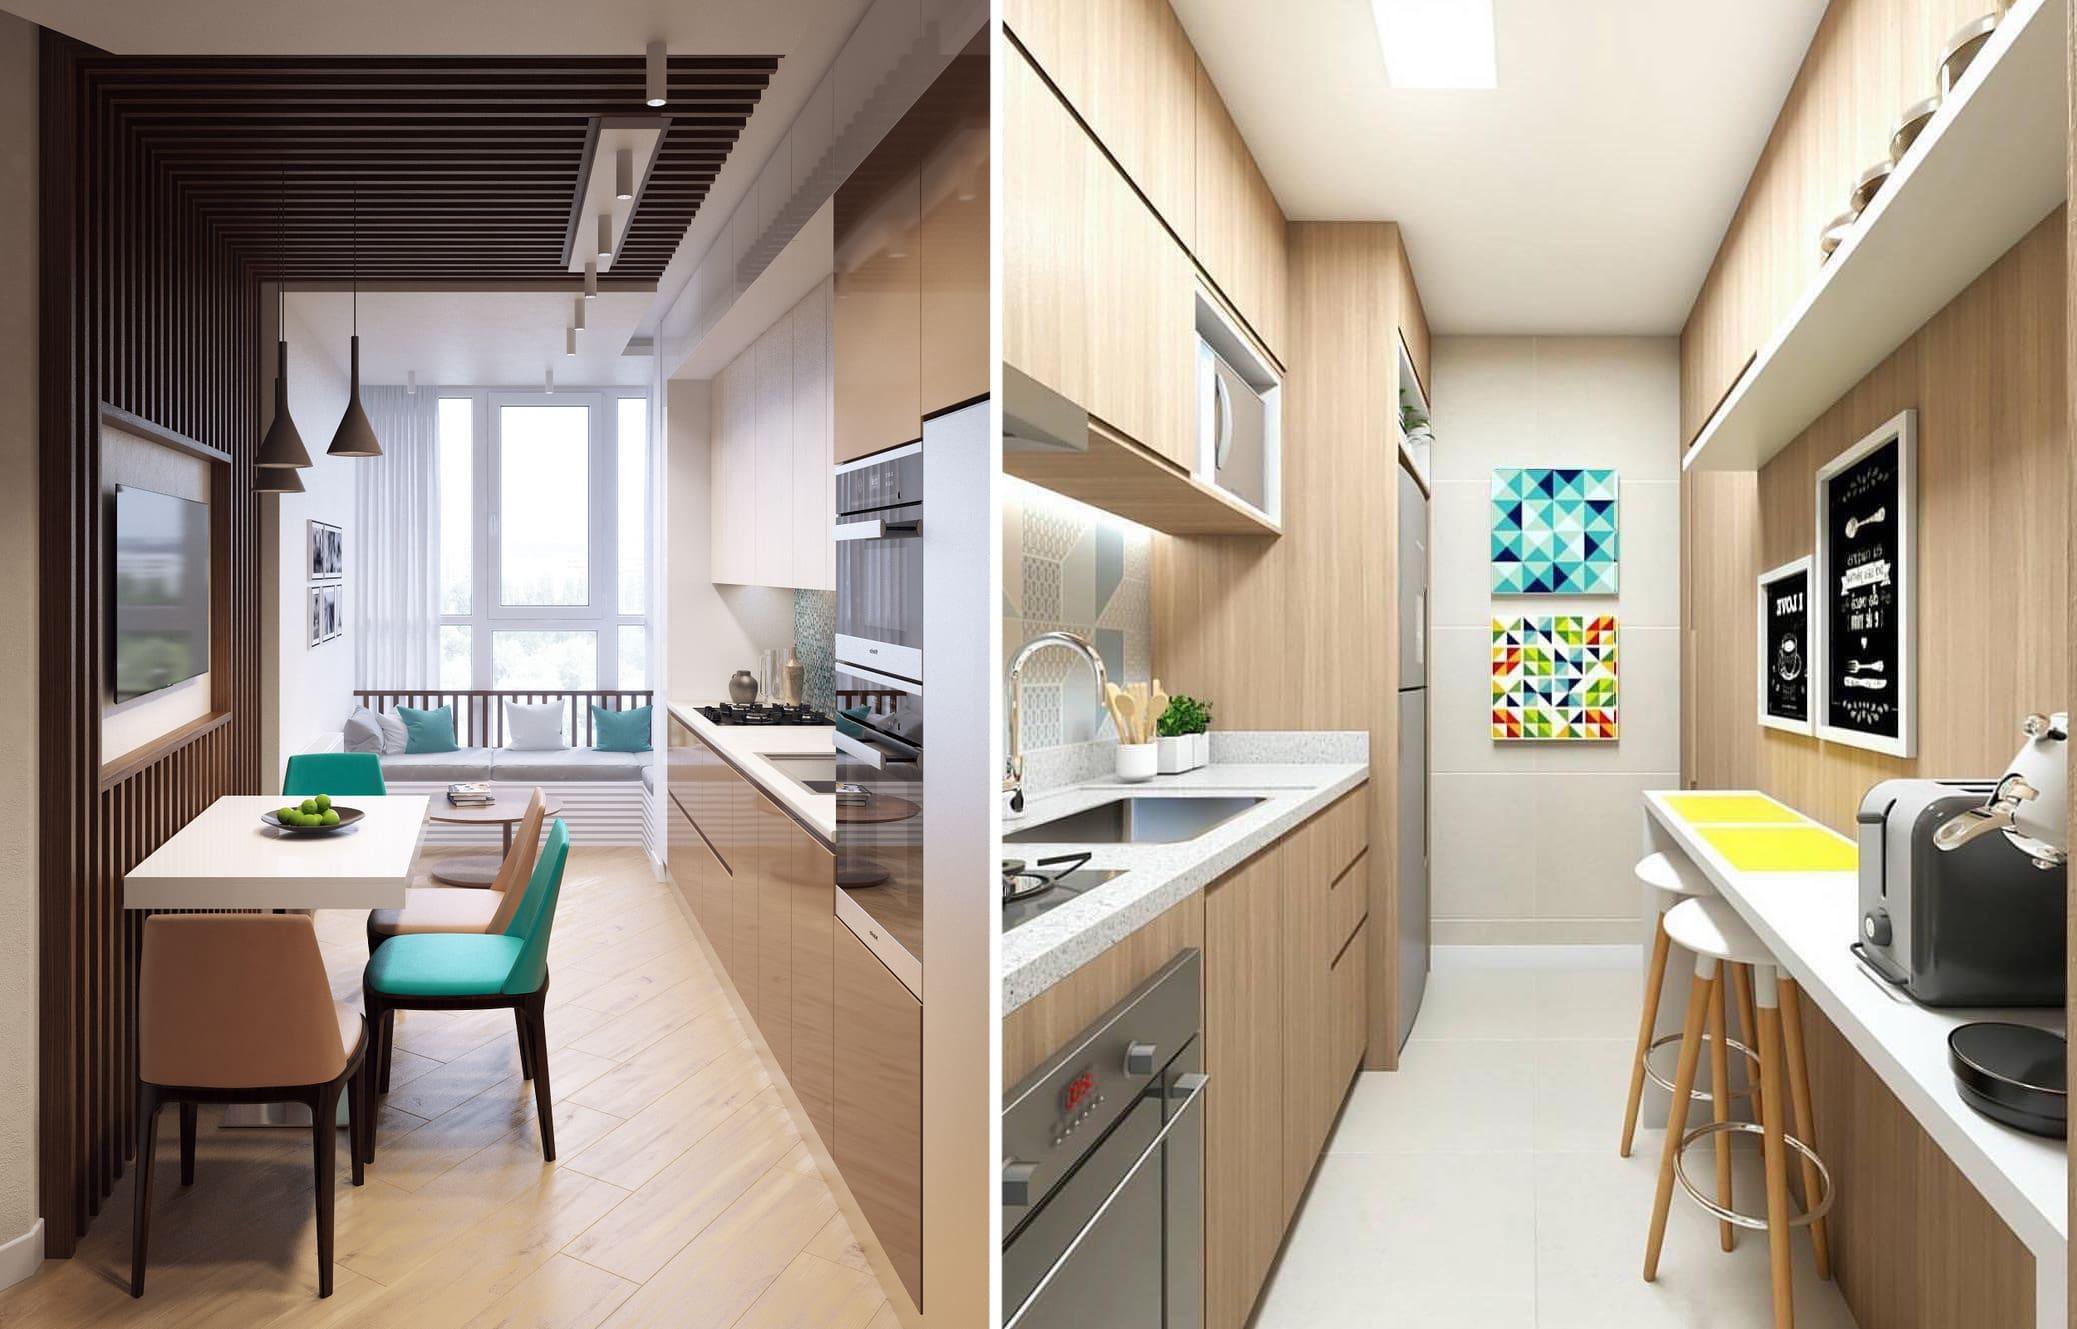 Dans cette photo de deux cuisines, il faut noter l'installation astucieuse de la table à manger et des chaises.